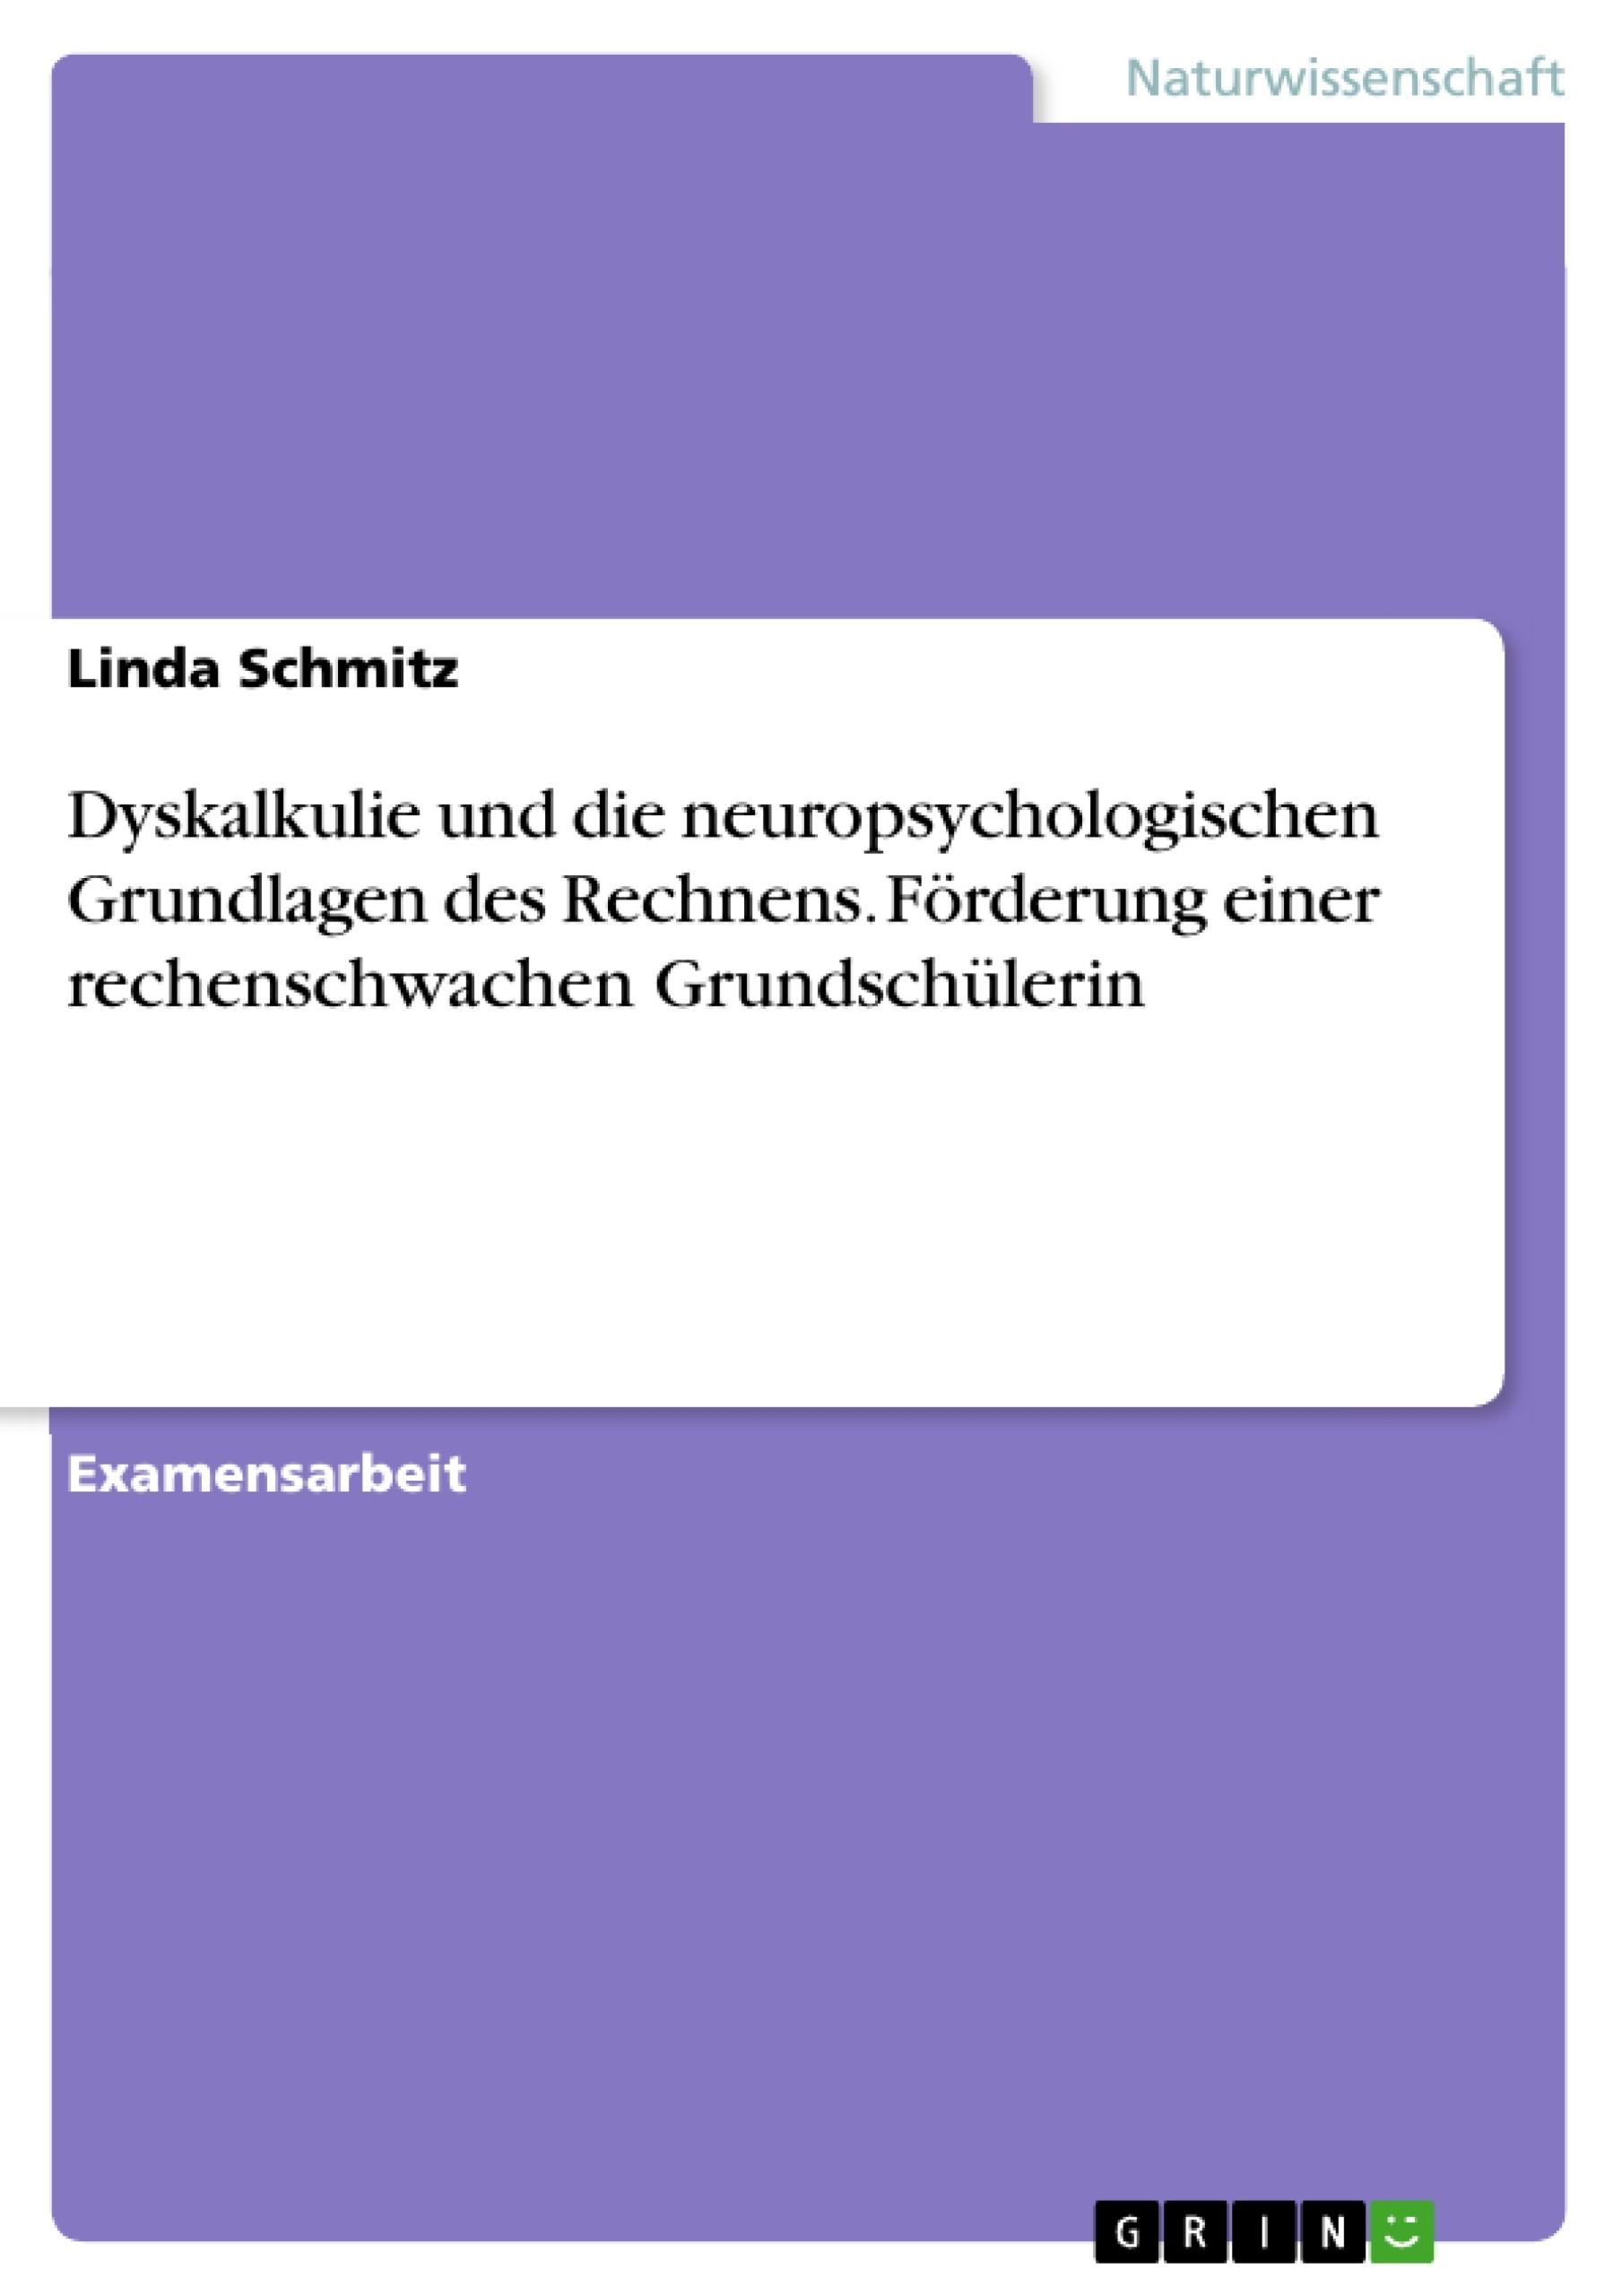 Titel: Dyskalkulie und die neuropsychologischen Grundlagen des Rechnens. Förderung einer rechenschwachen Grundschülerin